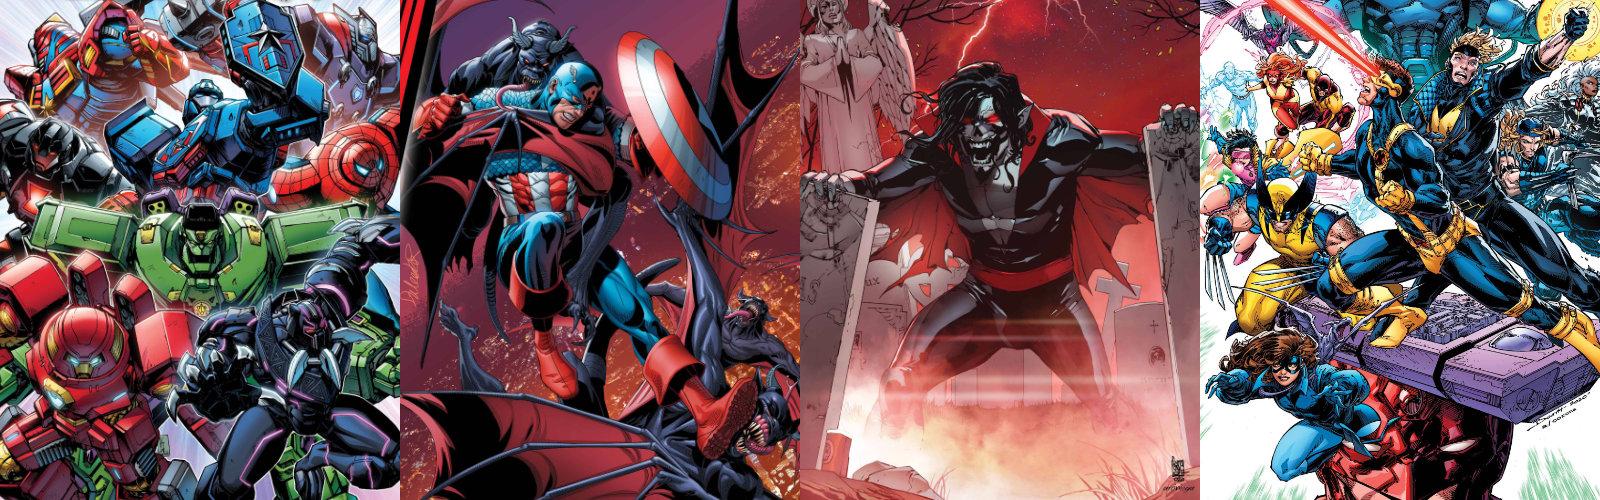 Solicitations: February 2021 – Marvel Comics